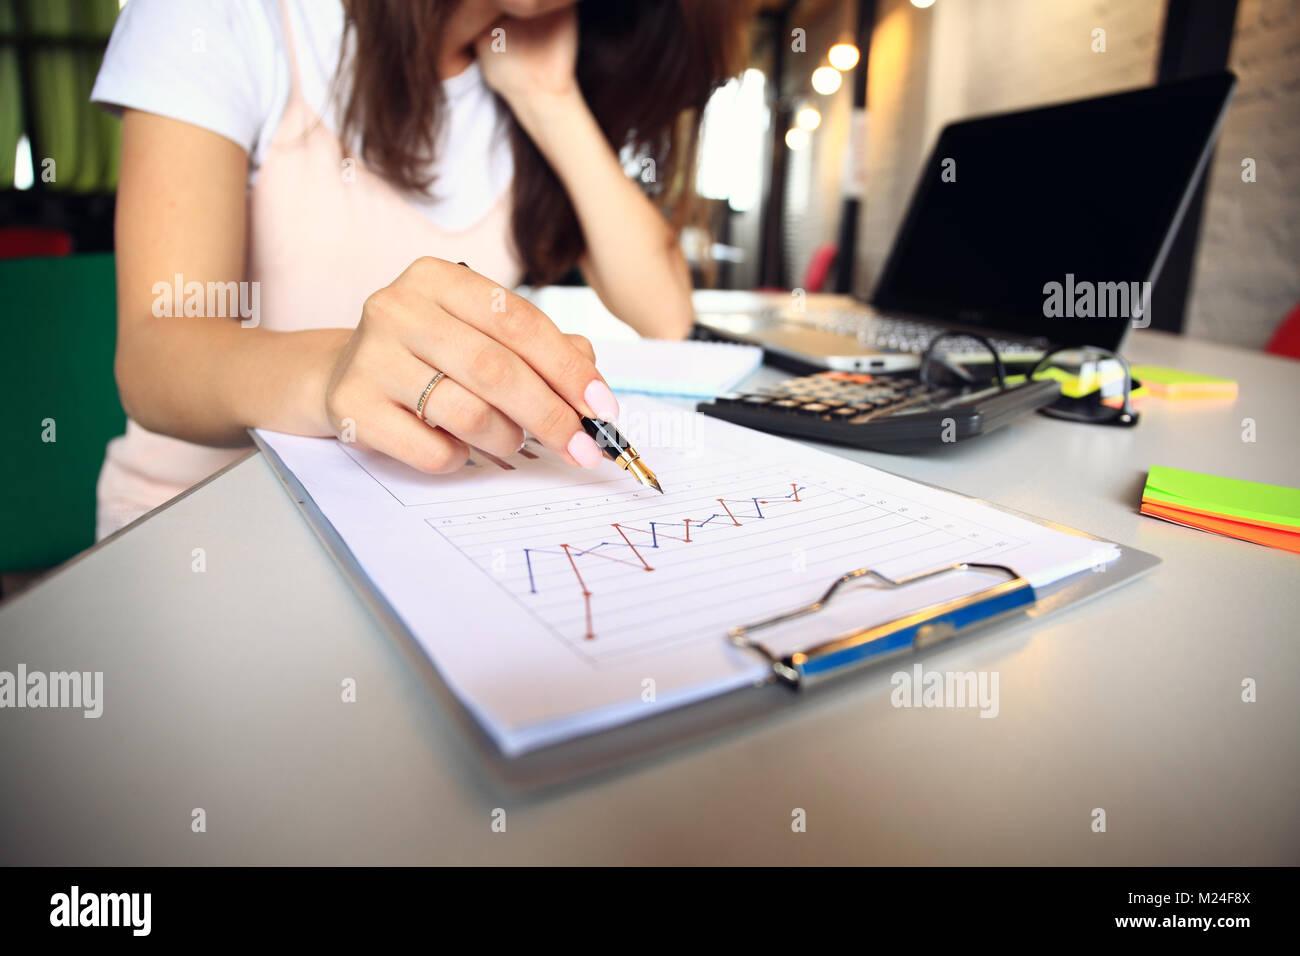 Stretta di mano femminile puntando al documento aziendale mentre spiegando grafico. Immagini Stock